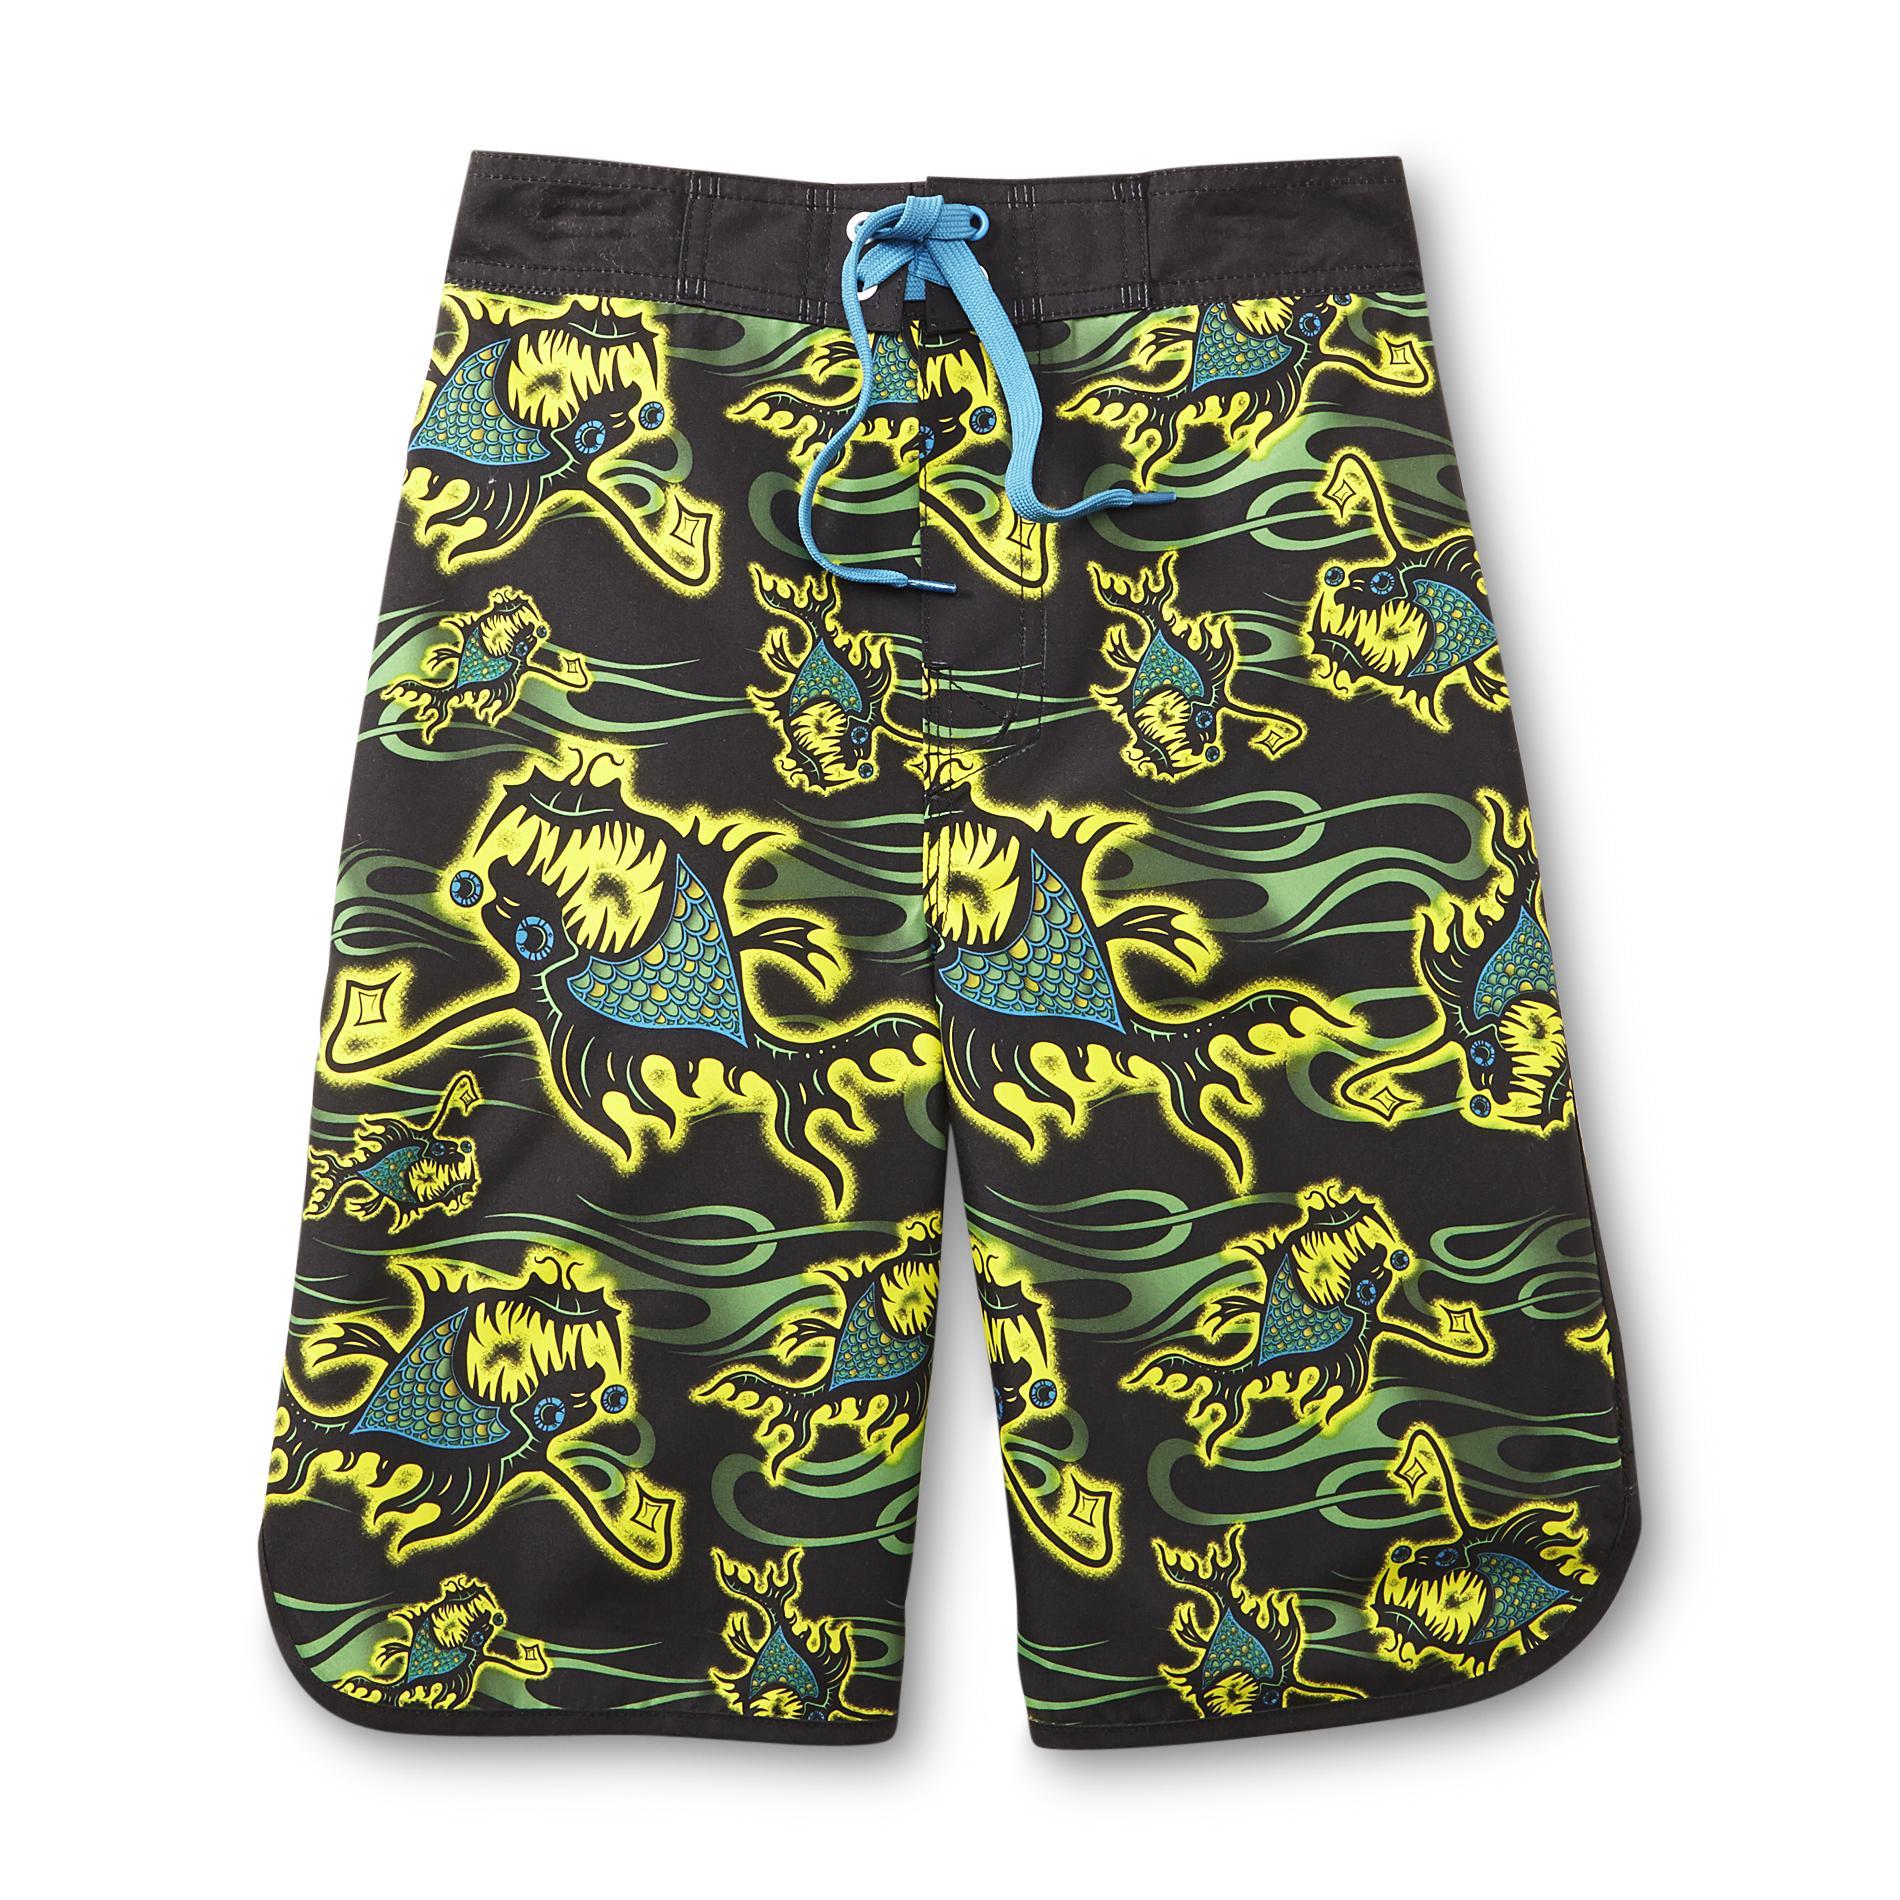 Joe boxer boy 39 s swim trunks angler fish for Fishing swim trunks